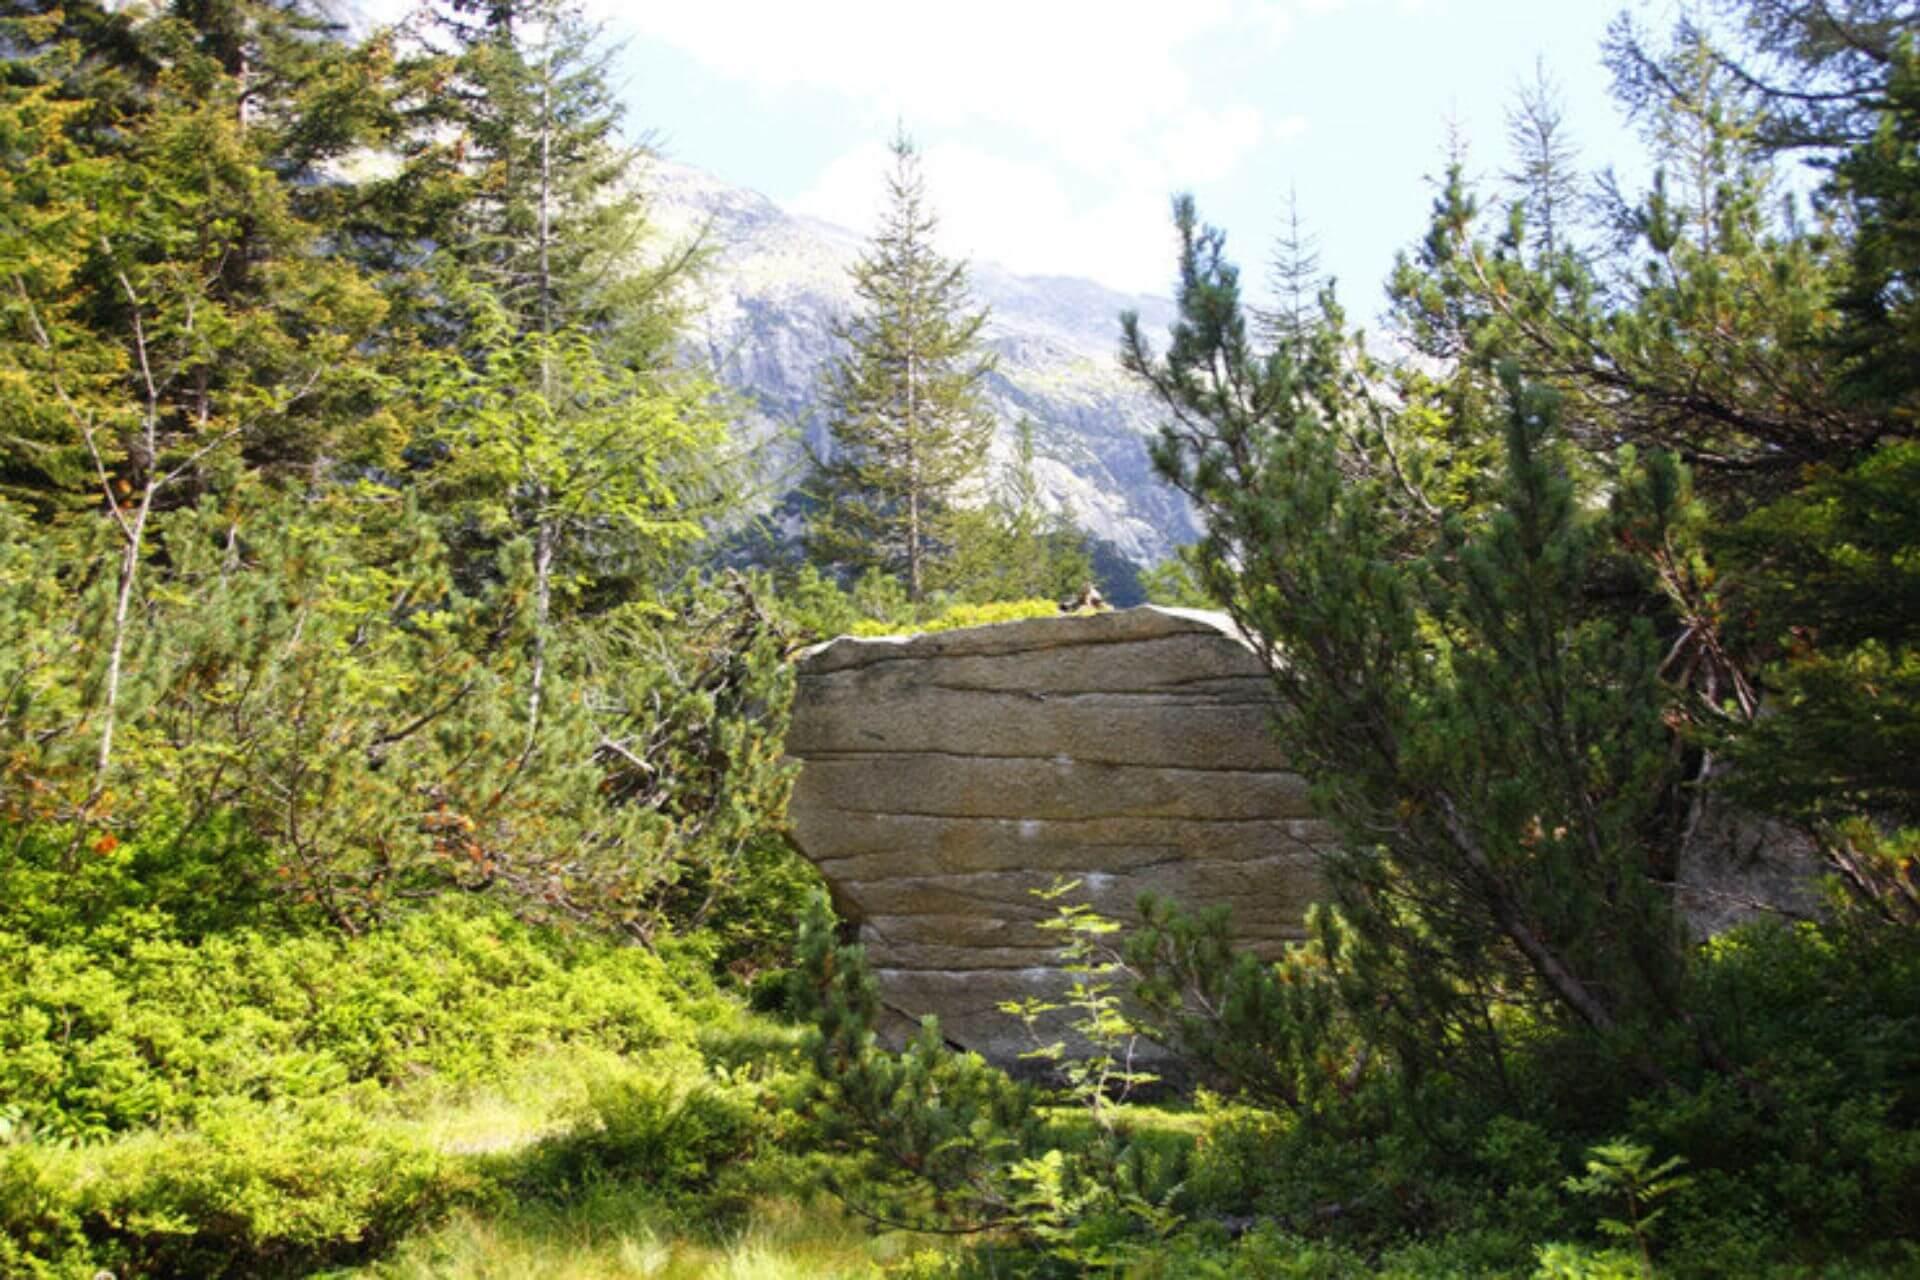 Bouldern am Grimselpass mit wunderschönem Blick auf die Berge.